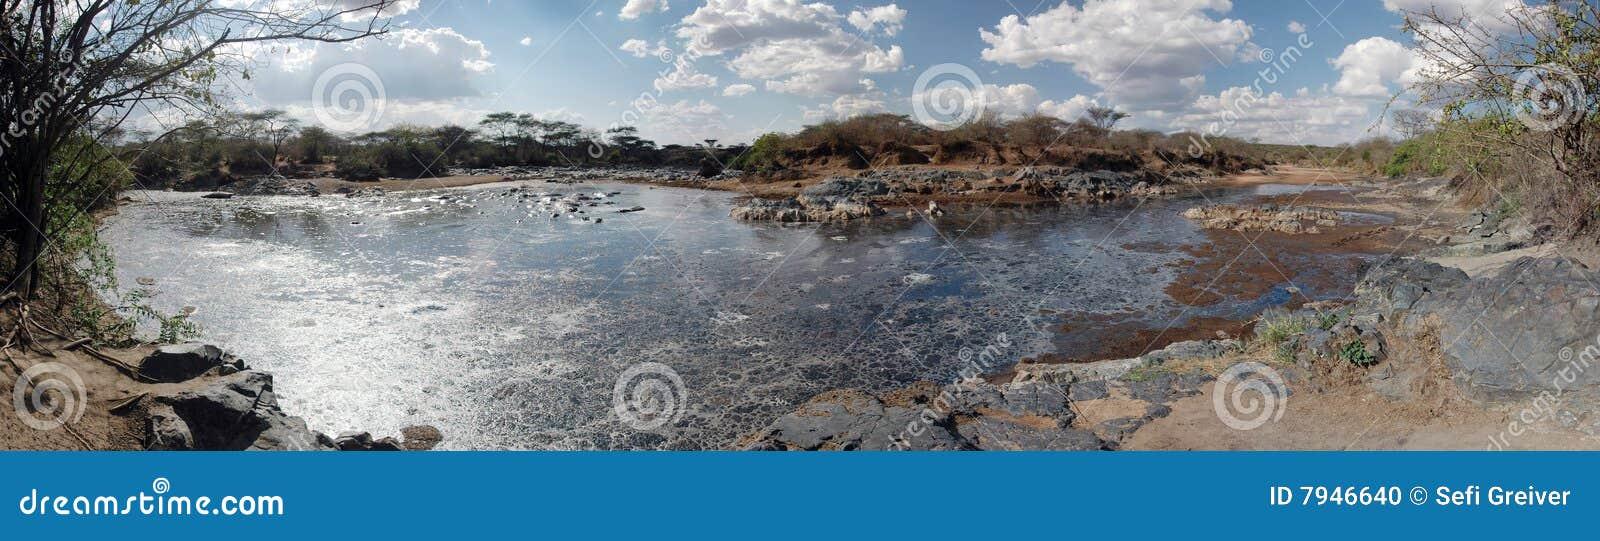 Moeras in Serengeti - Panorama